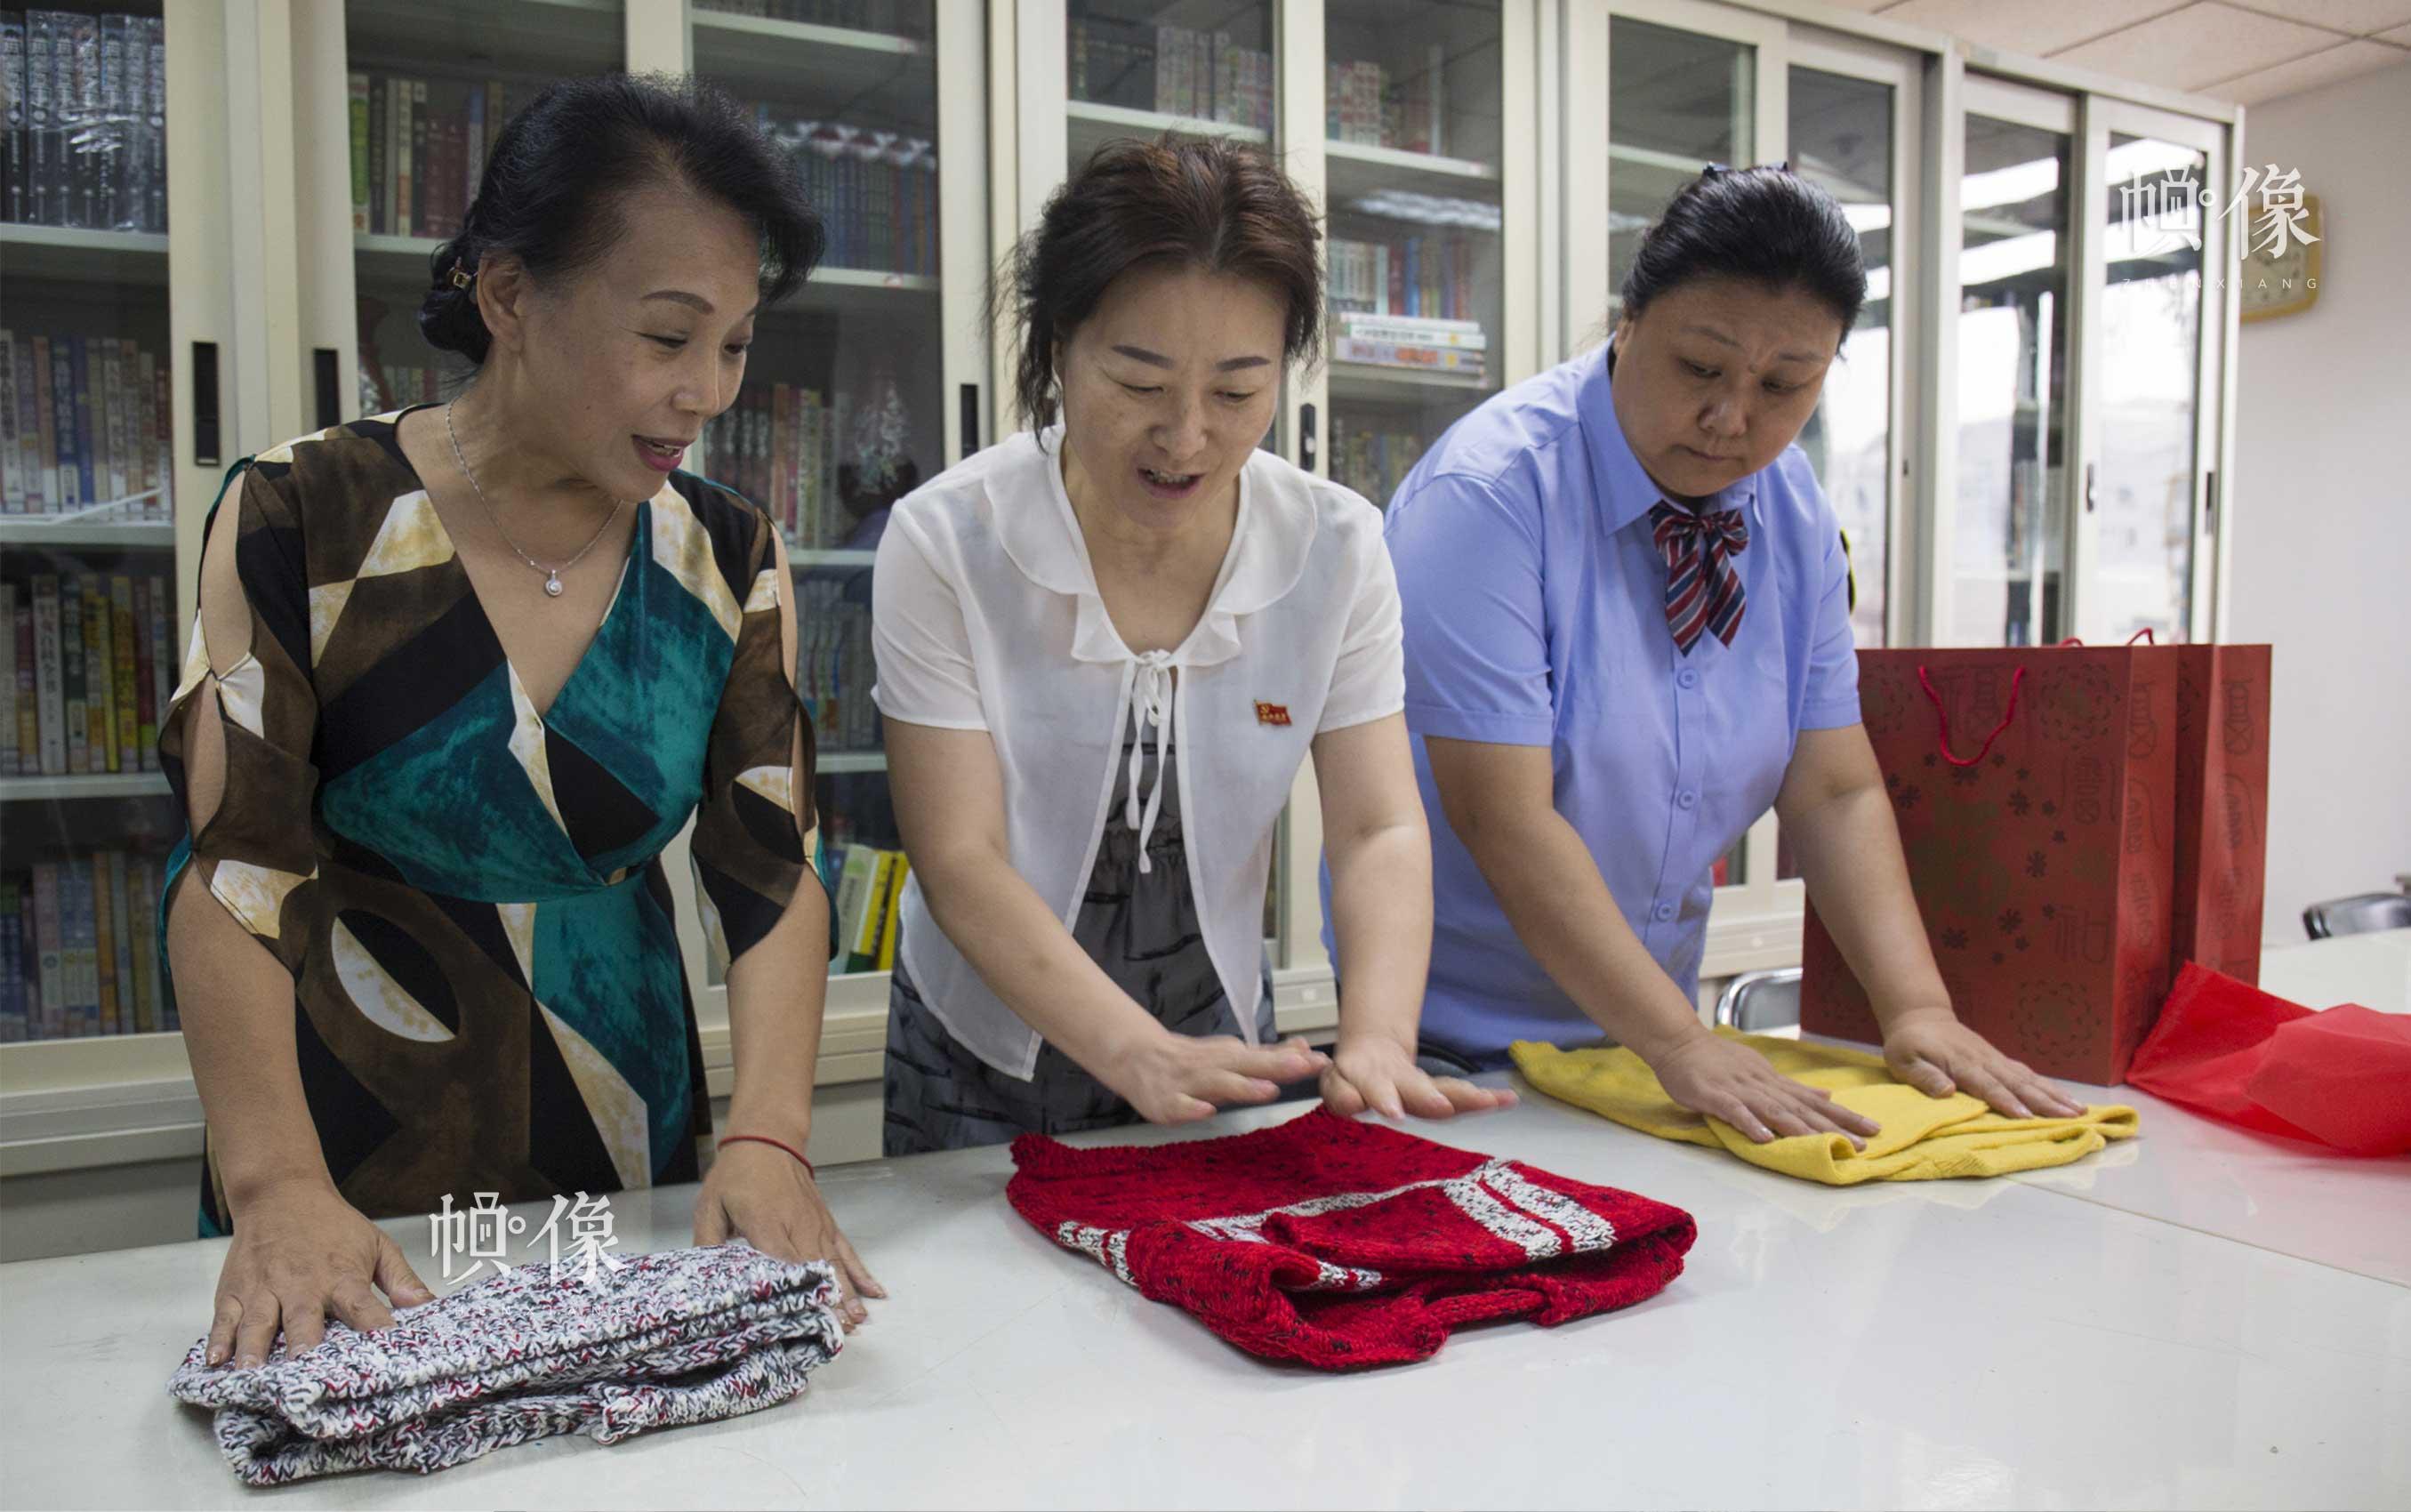 """2017年7月18日,李素丽(图左)和其他爱心妈妈把织好的毛衣装进袋子里,准备送往中国儿童少年基金会。据悉,2017年,""""恒爱毛衣""""总数将突破100万件。中国网实习记者 李欣颖 摄"""